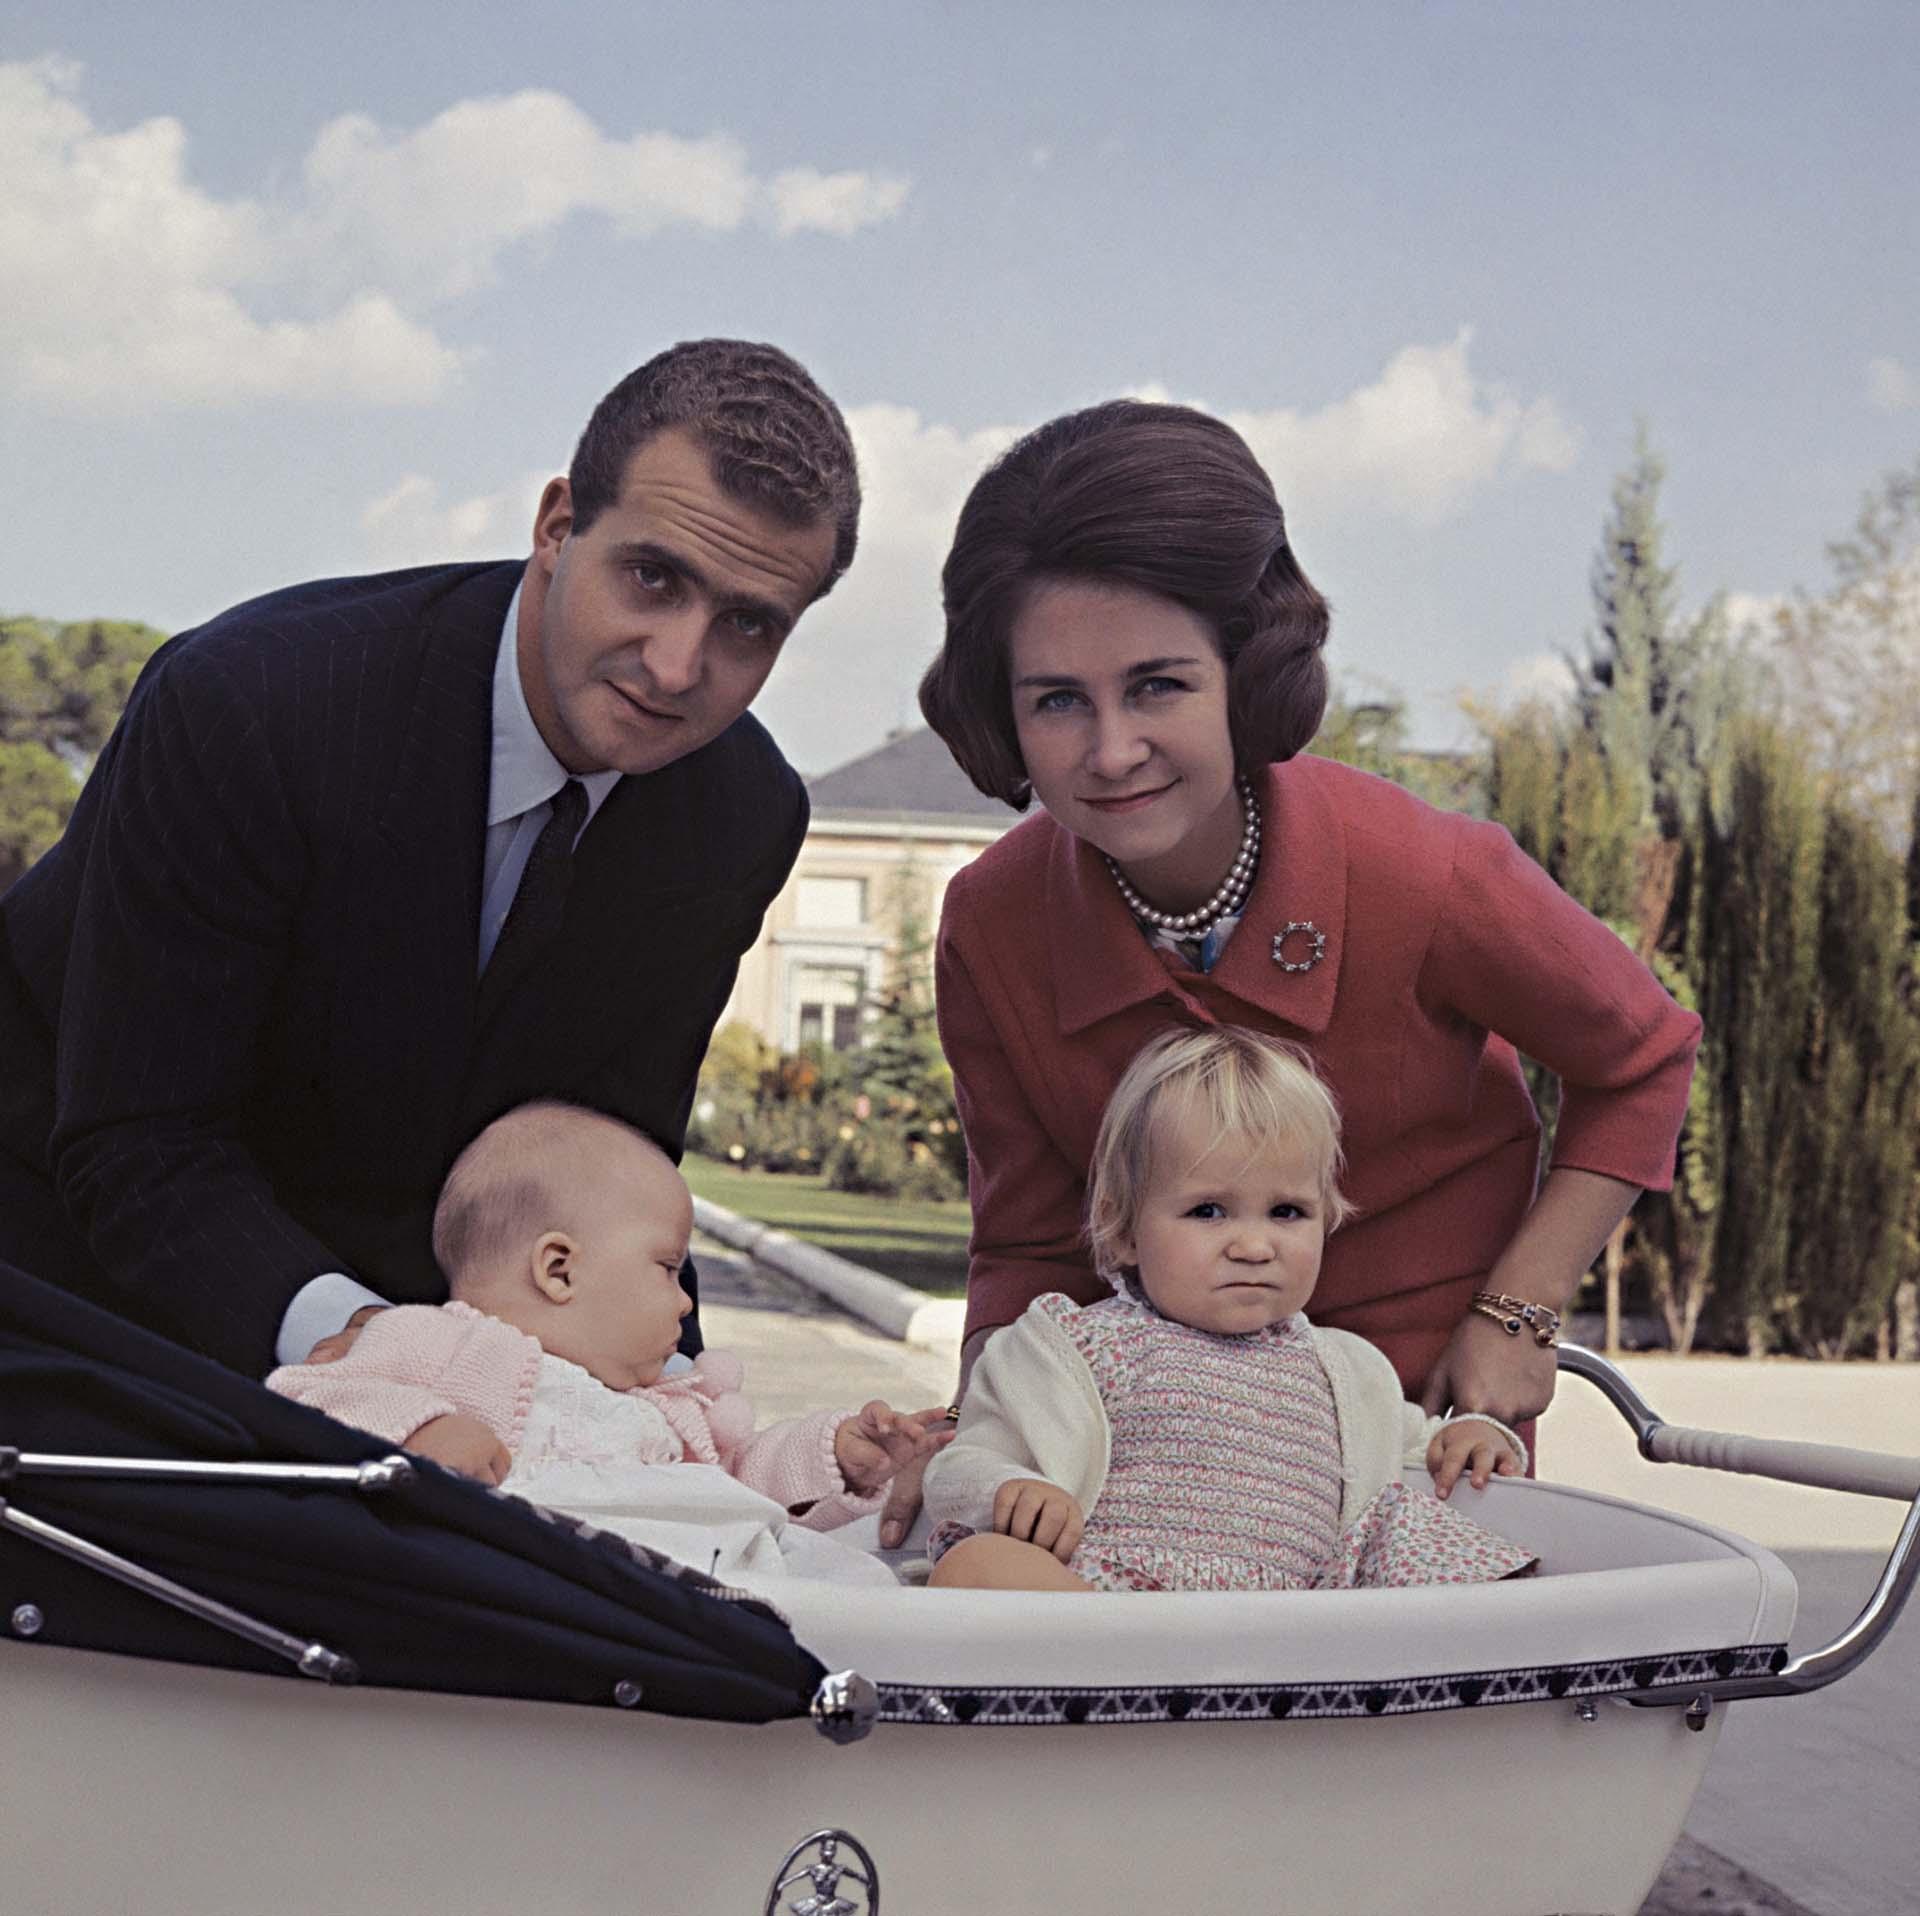 Rey (Príncipe) Juan Carlos, Reina (Princesa) Sofía y sus hijas Cristina y Elena en el Palacio de la Zarzuela, Madrid, España (Shutterstock)